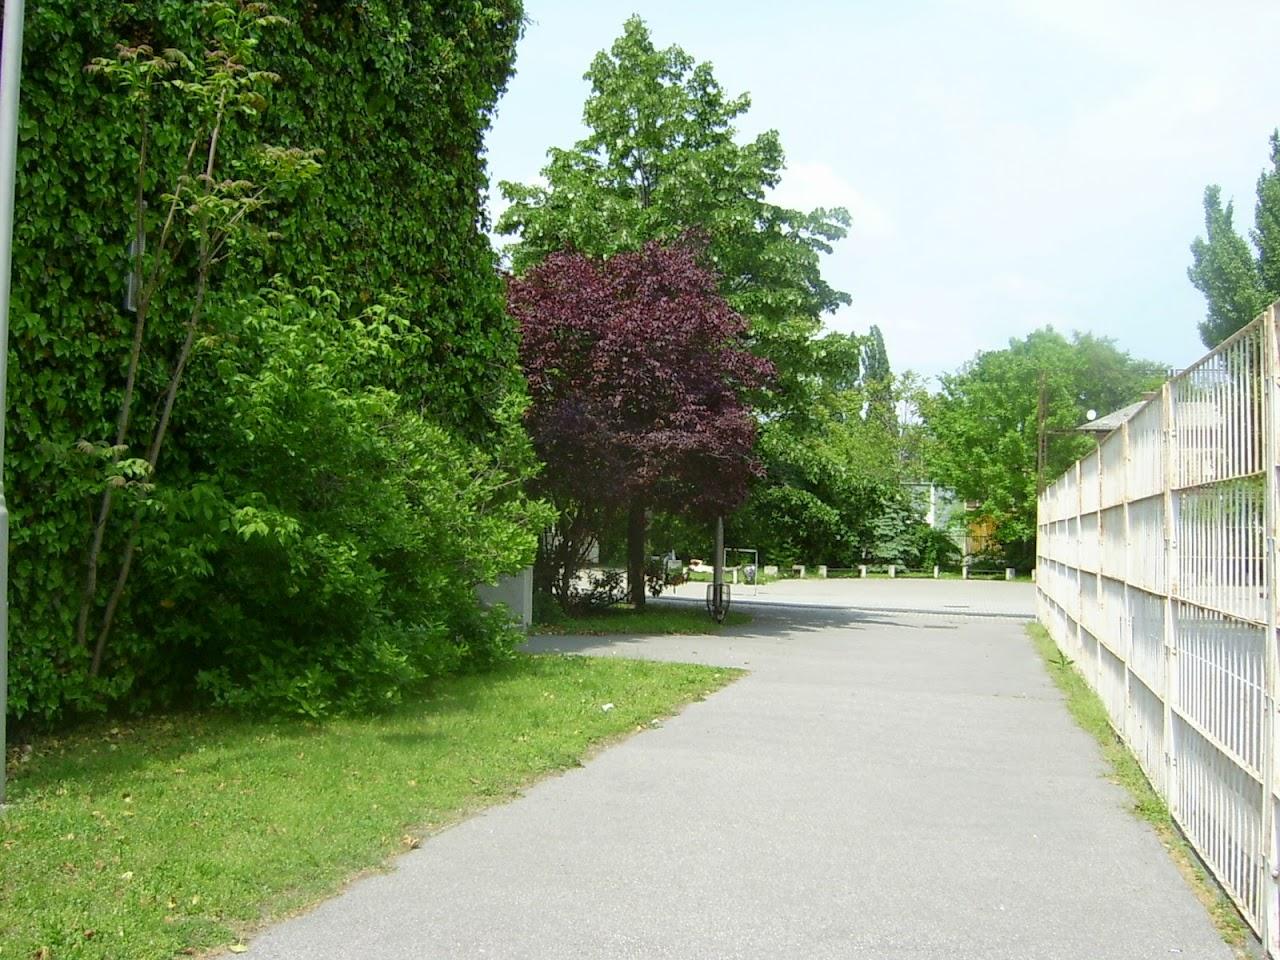 Képek az iskoláról - image013.jpg